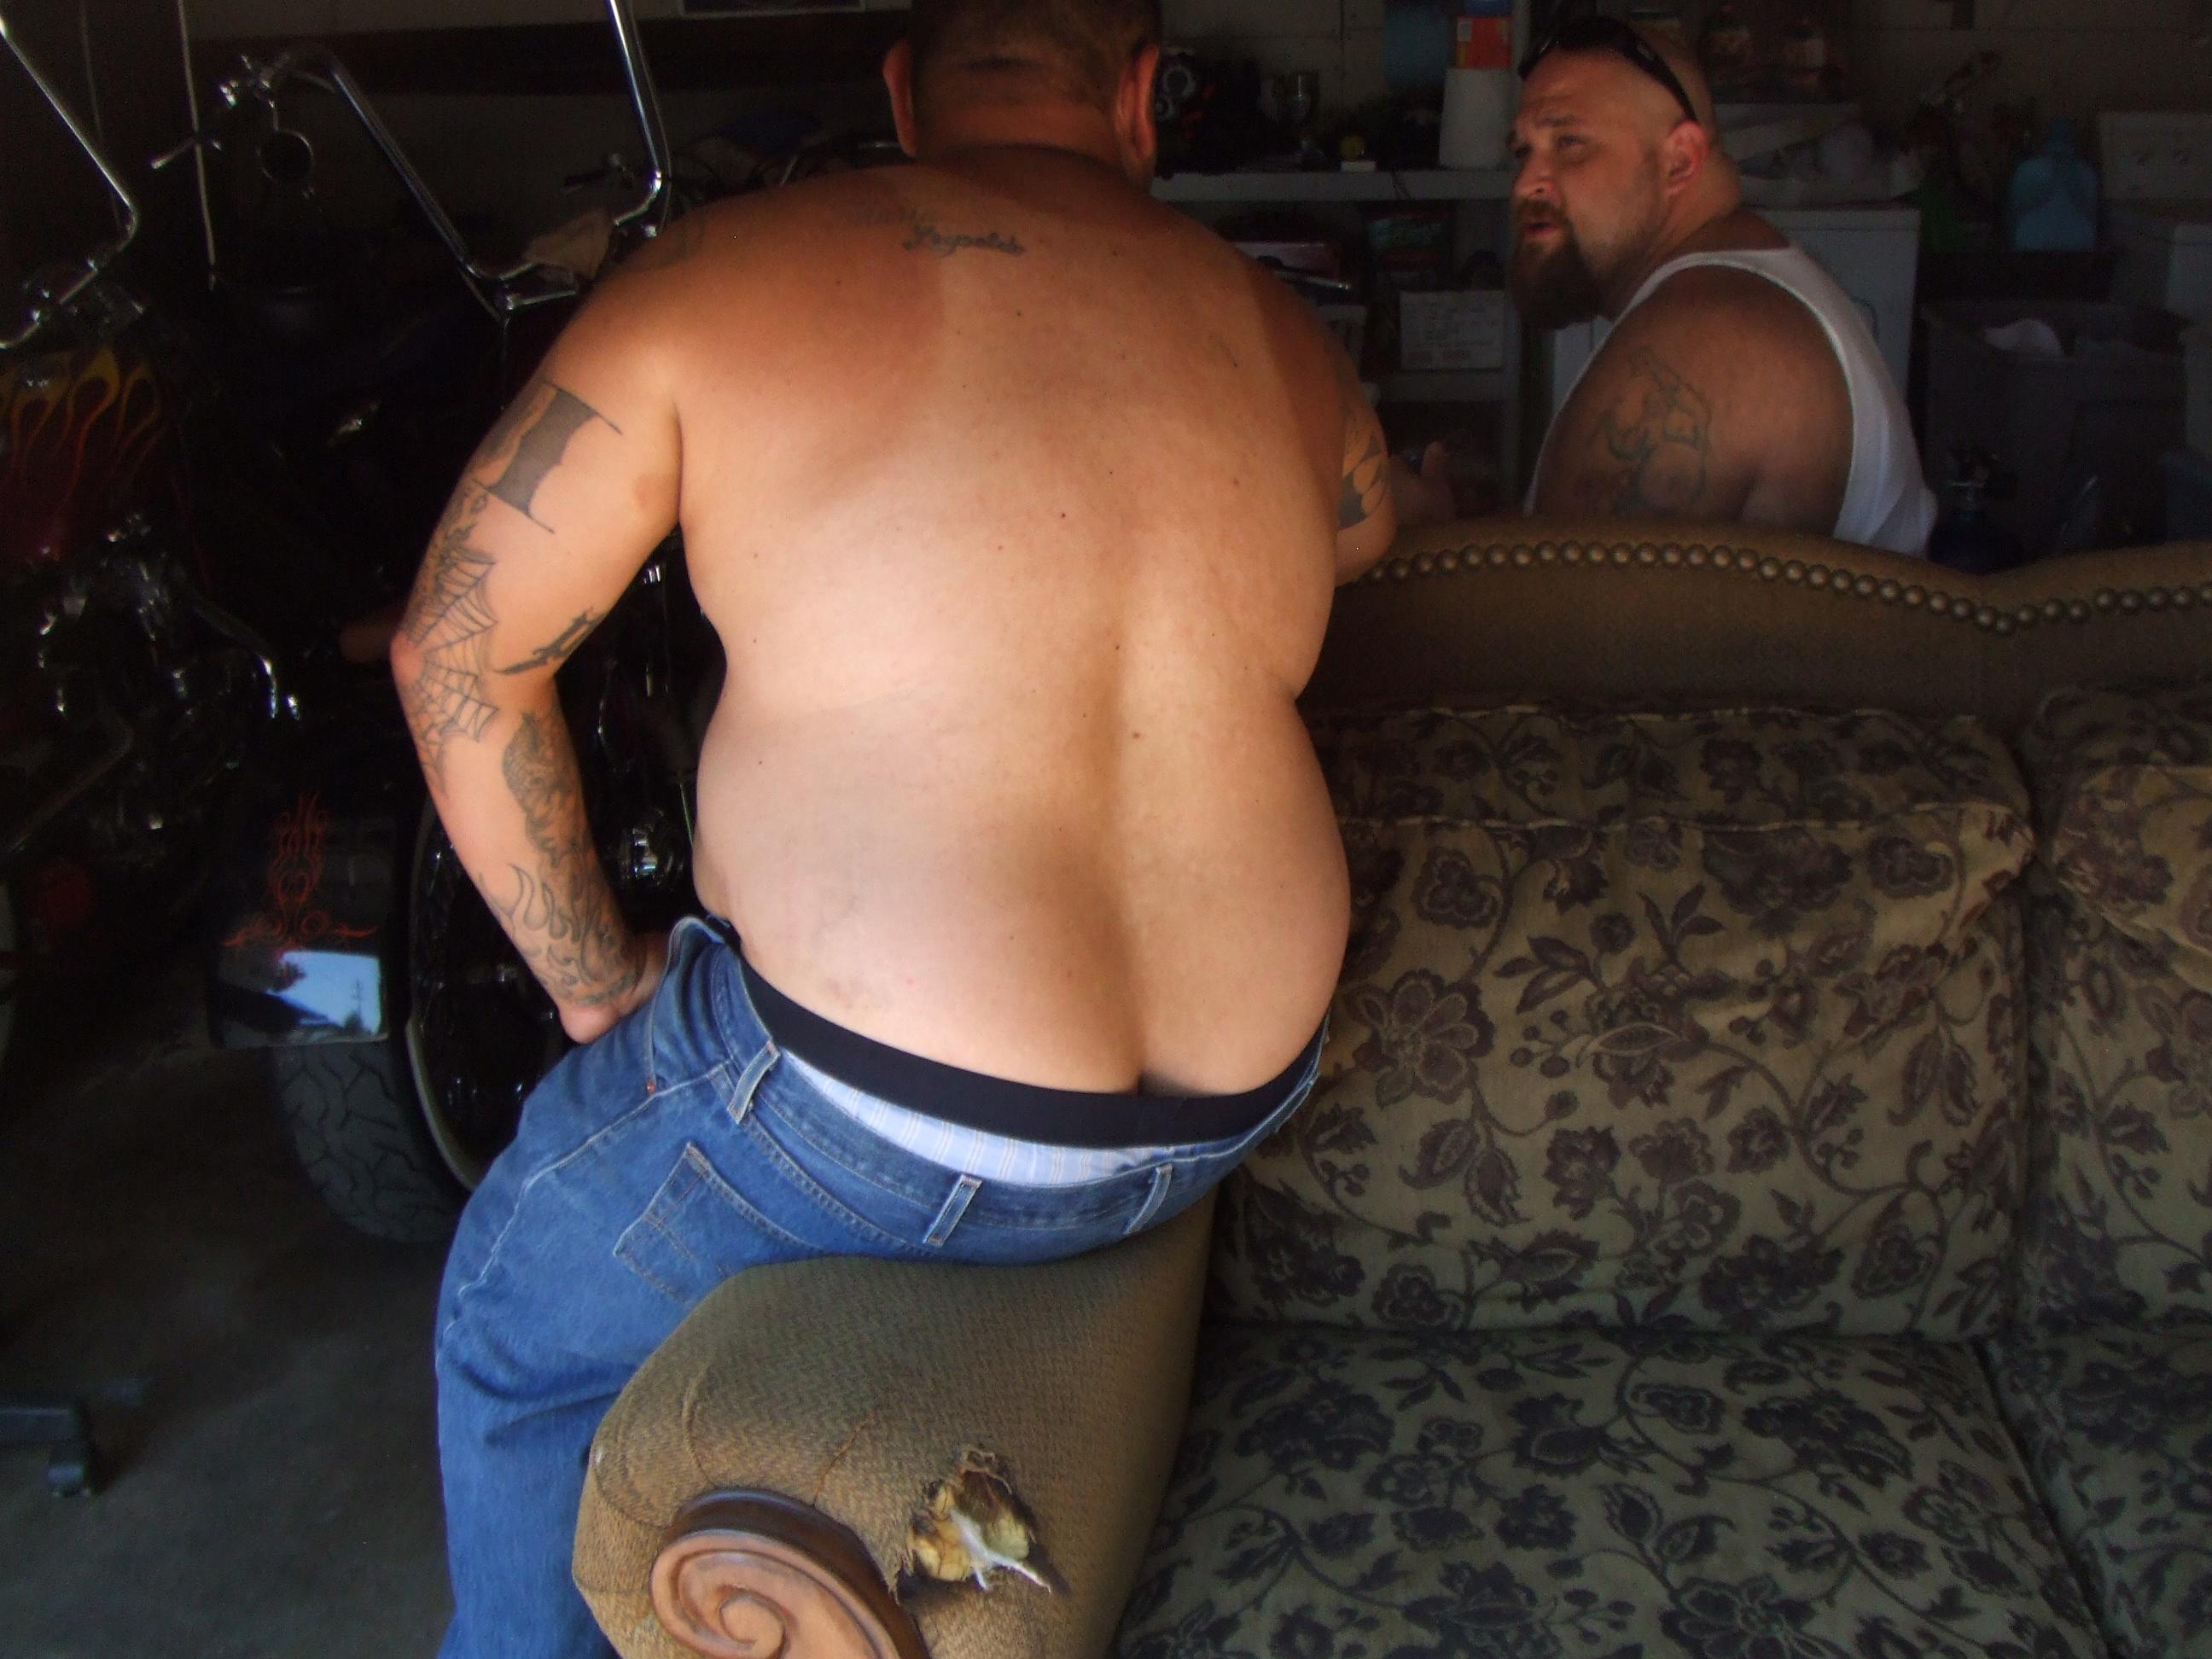 фото толстушек с мужиком что